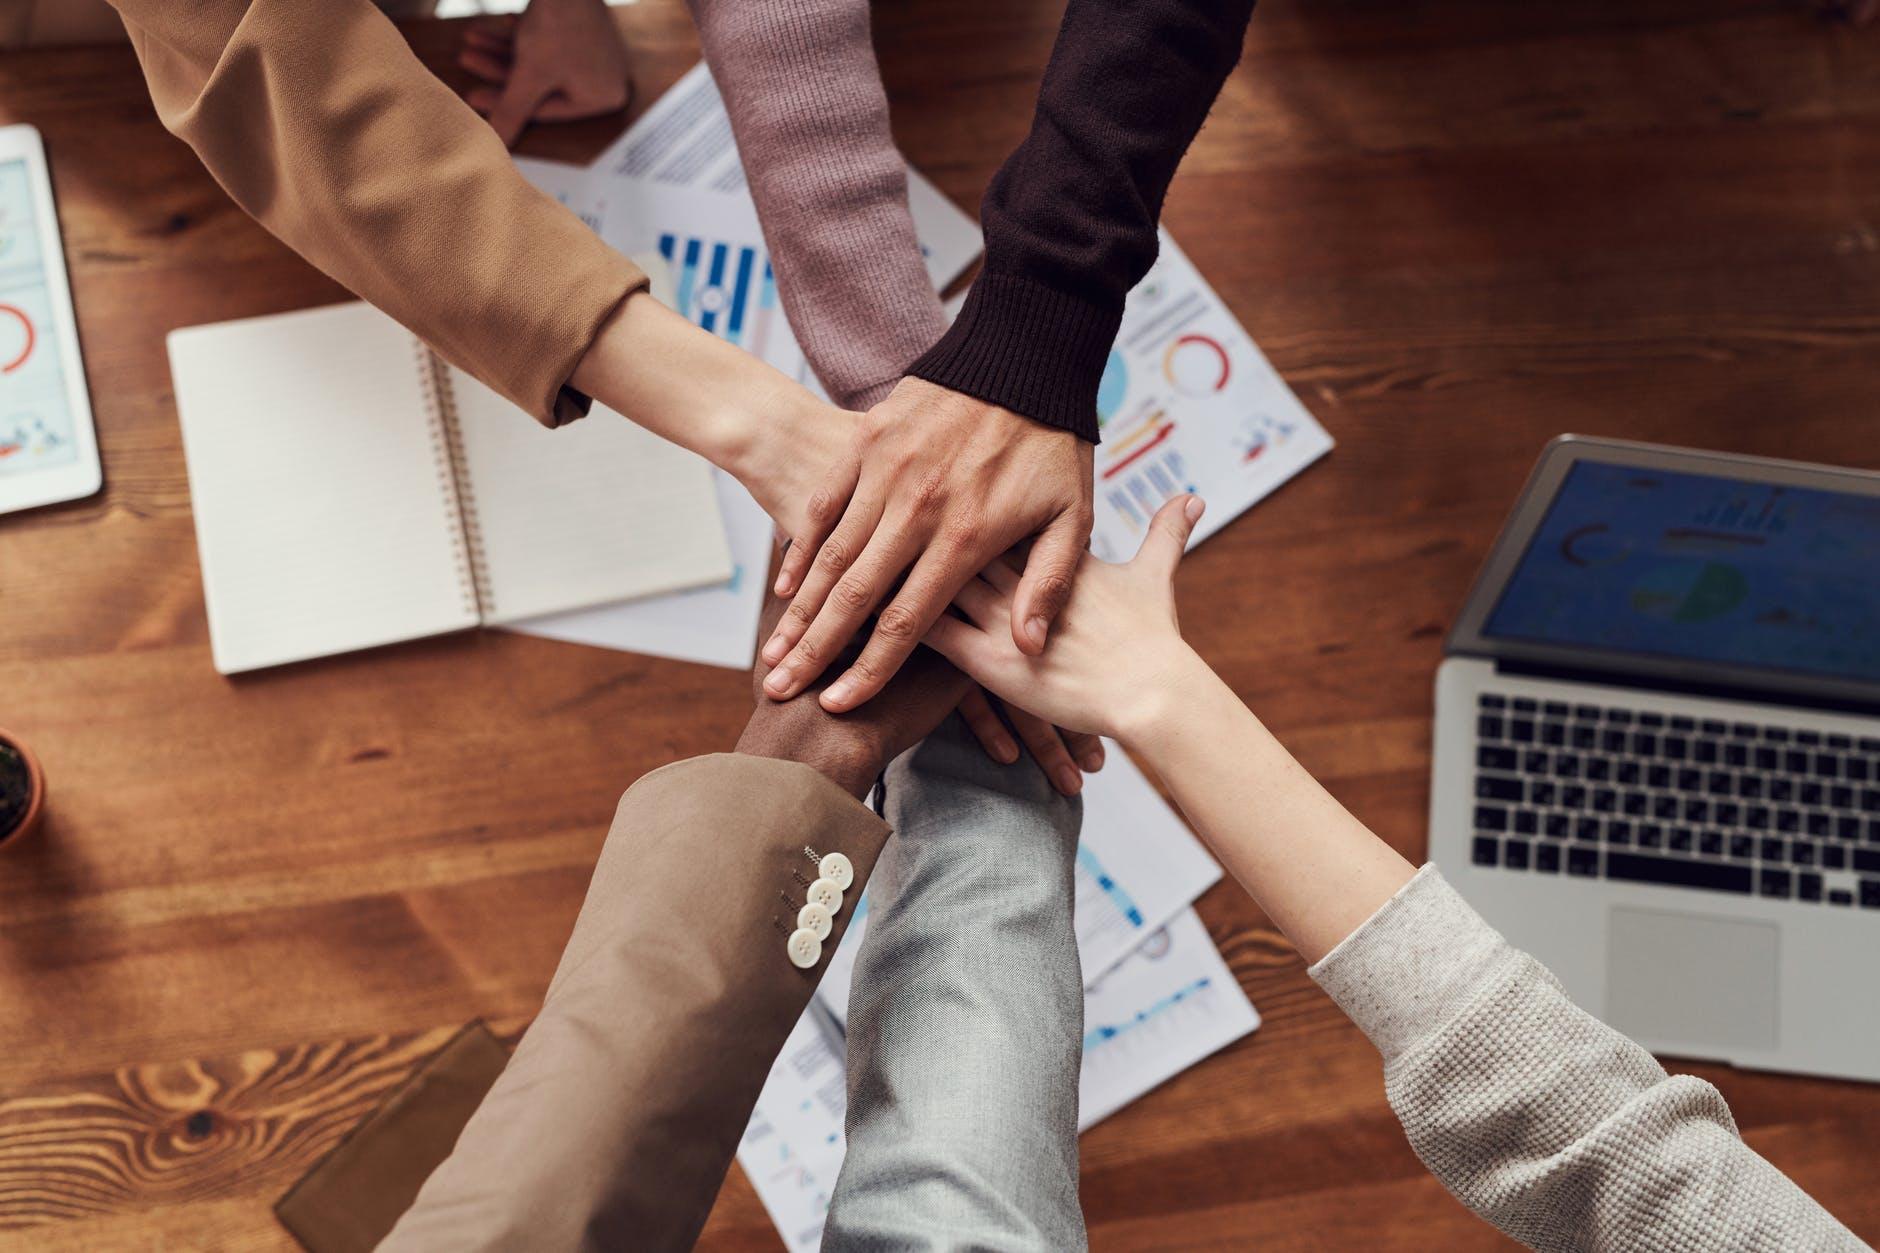 Cómo aumentar el impacto de la formación en las organizaciones gracias a la Inteligencia Artificial